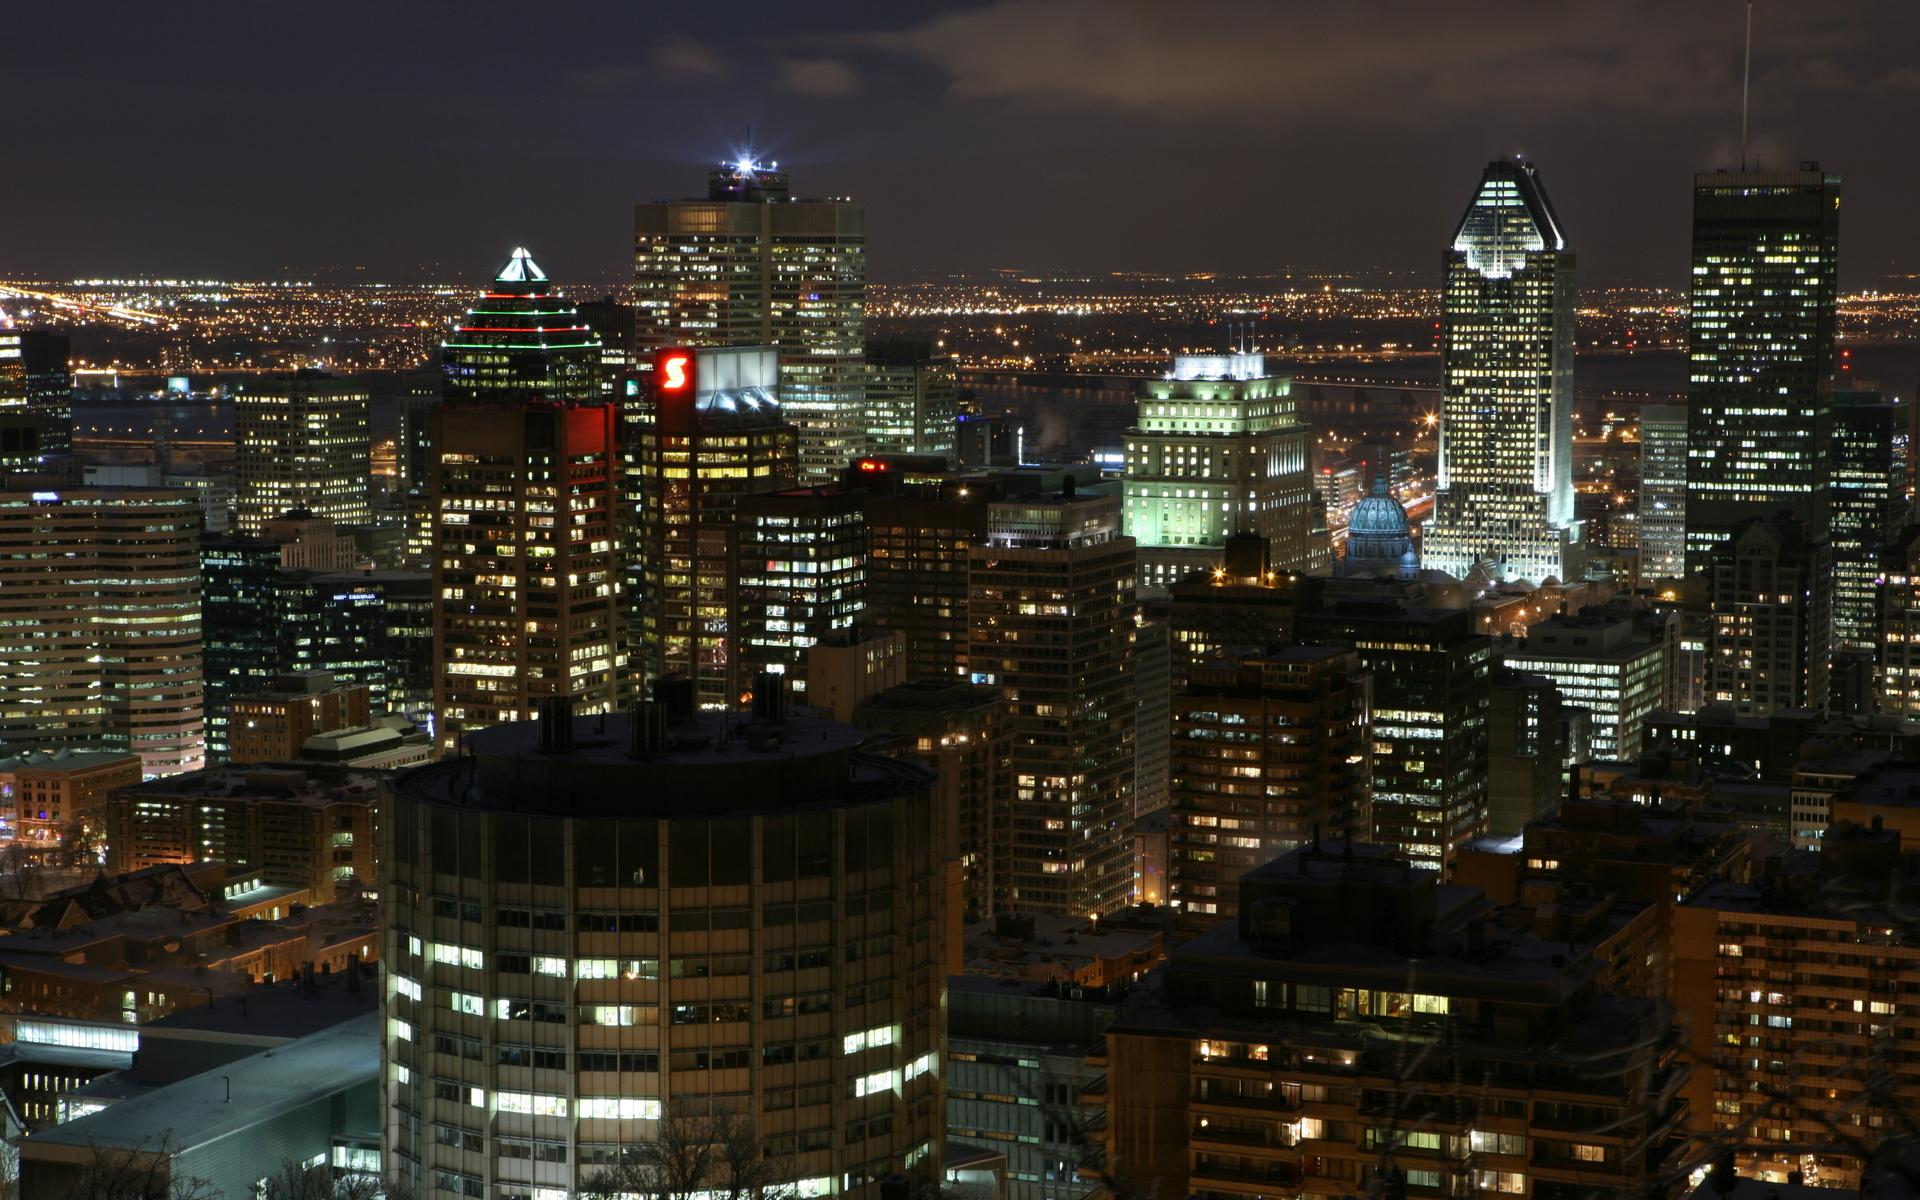 Centre ville de Montreal Computer Wallpapers Desktop Backgrounds 1920x1200